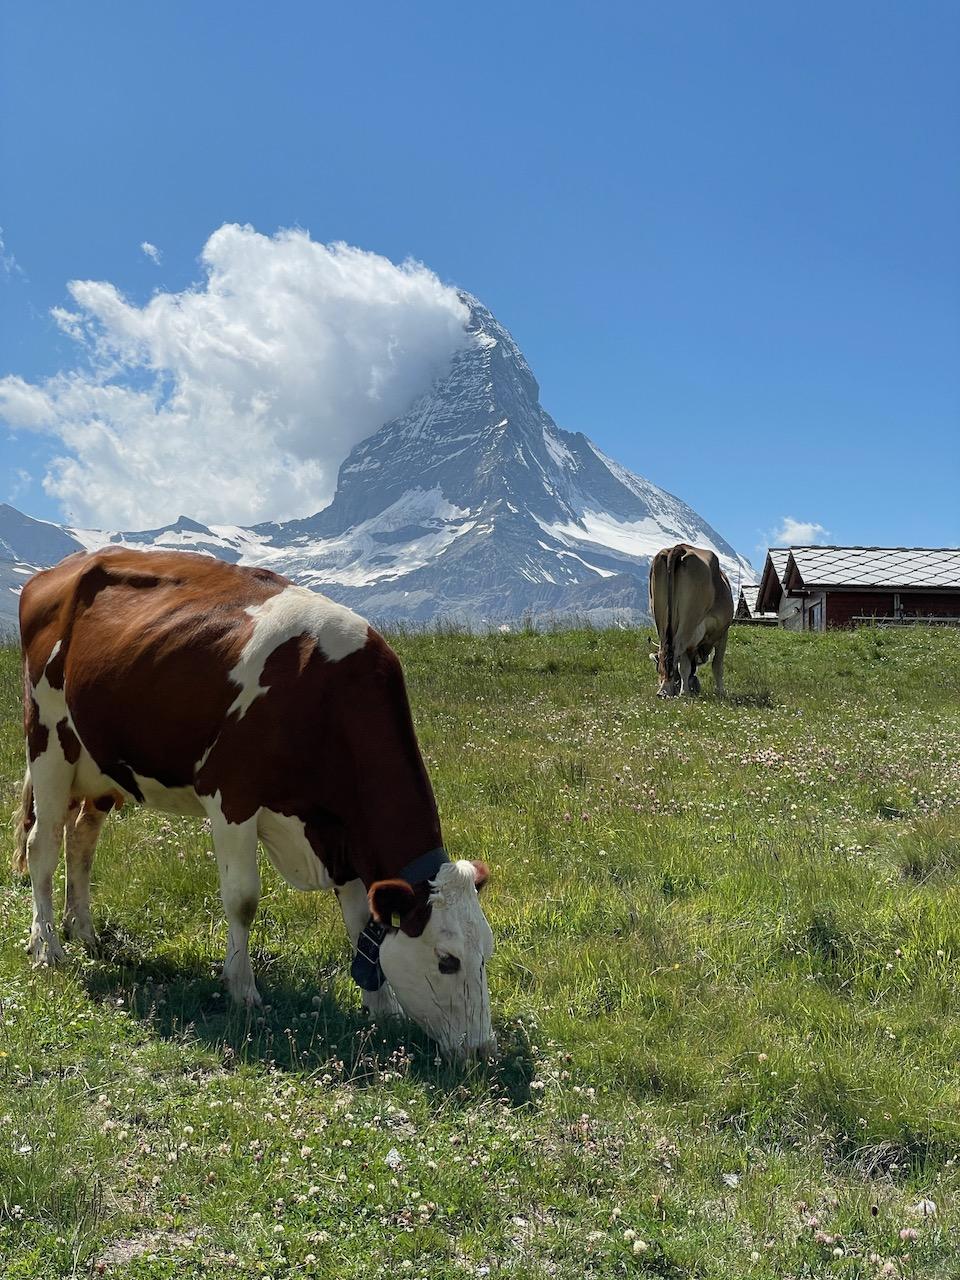 Cow and the Matterhorn